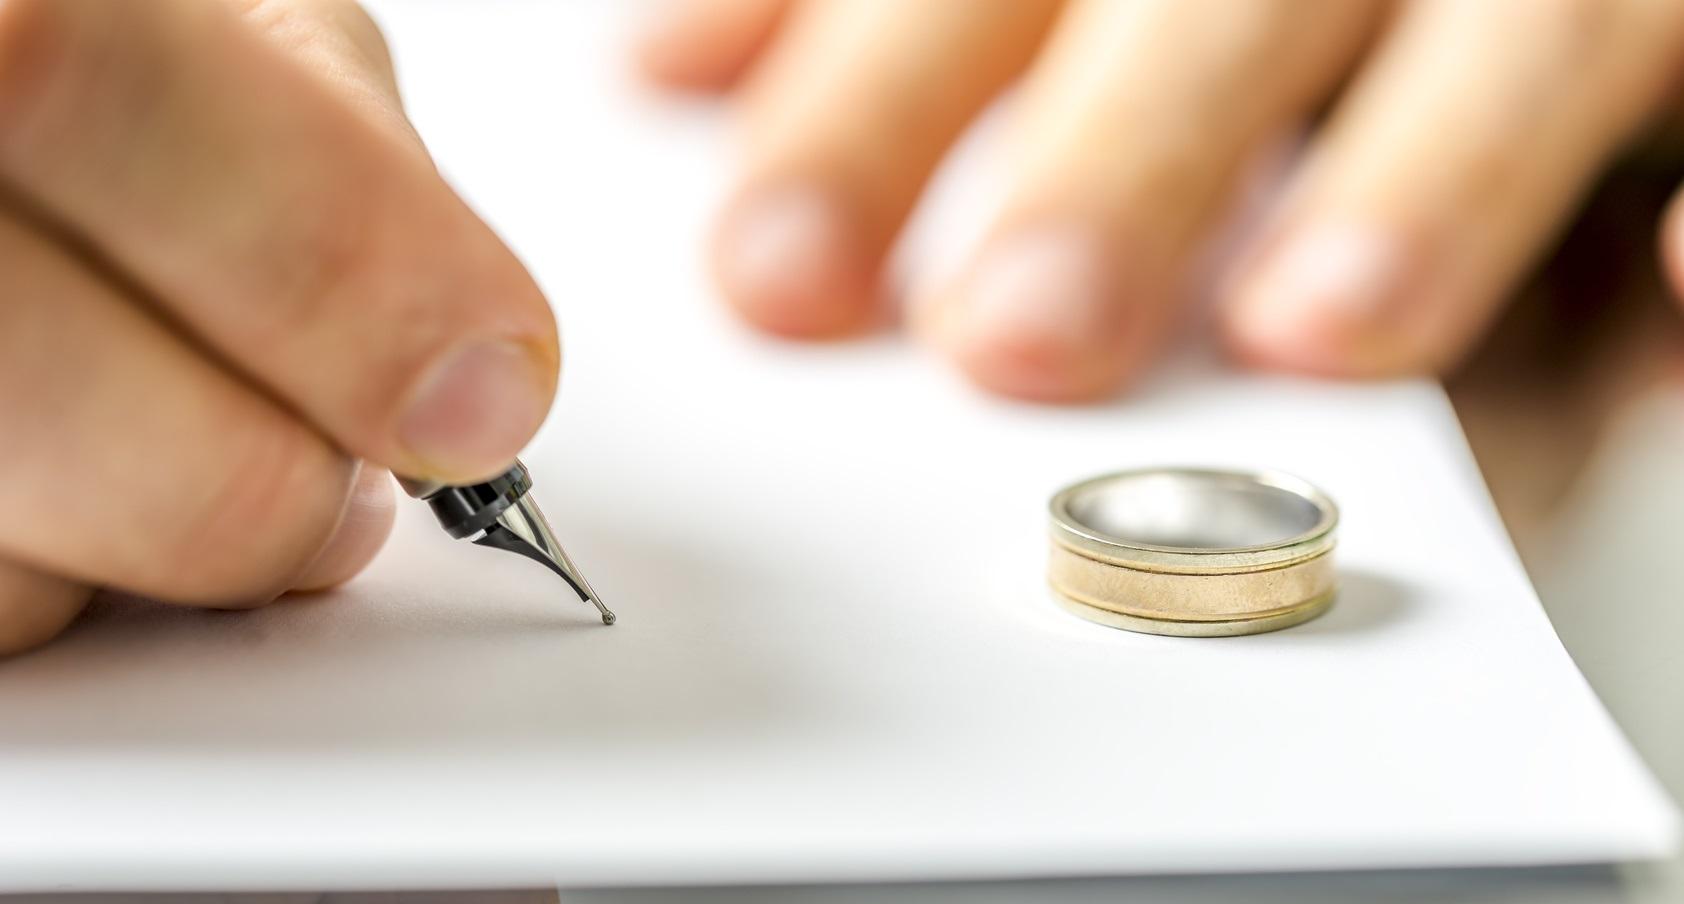 Małżeństwo, kiedy może być zawarte?